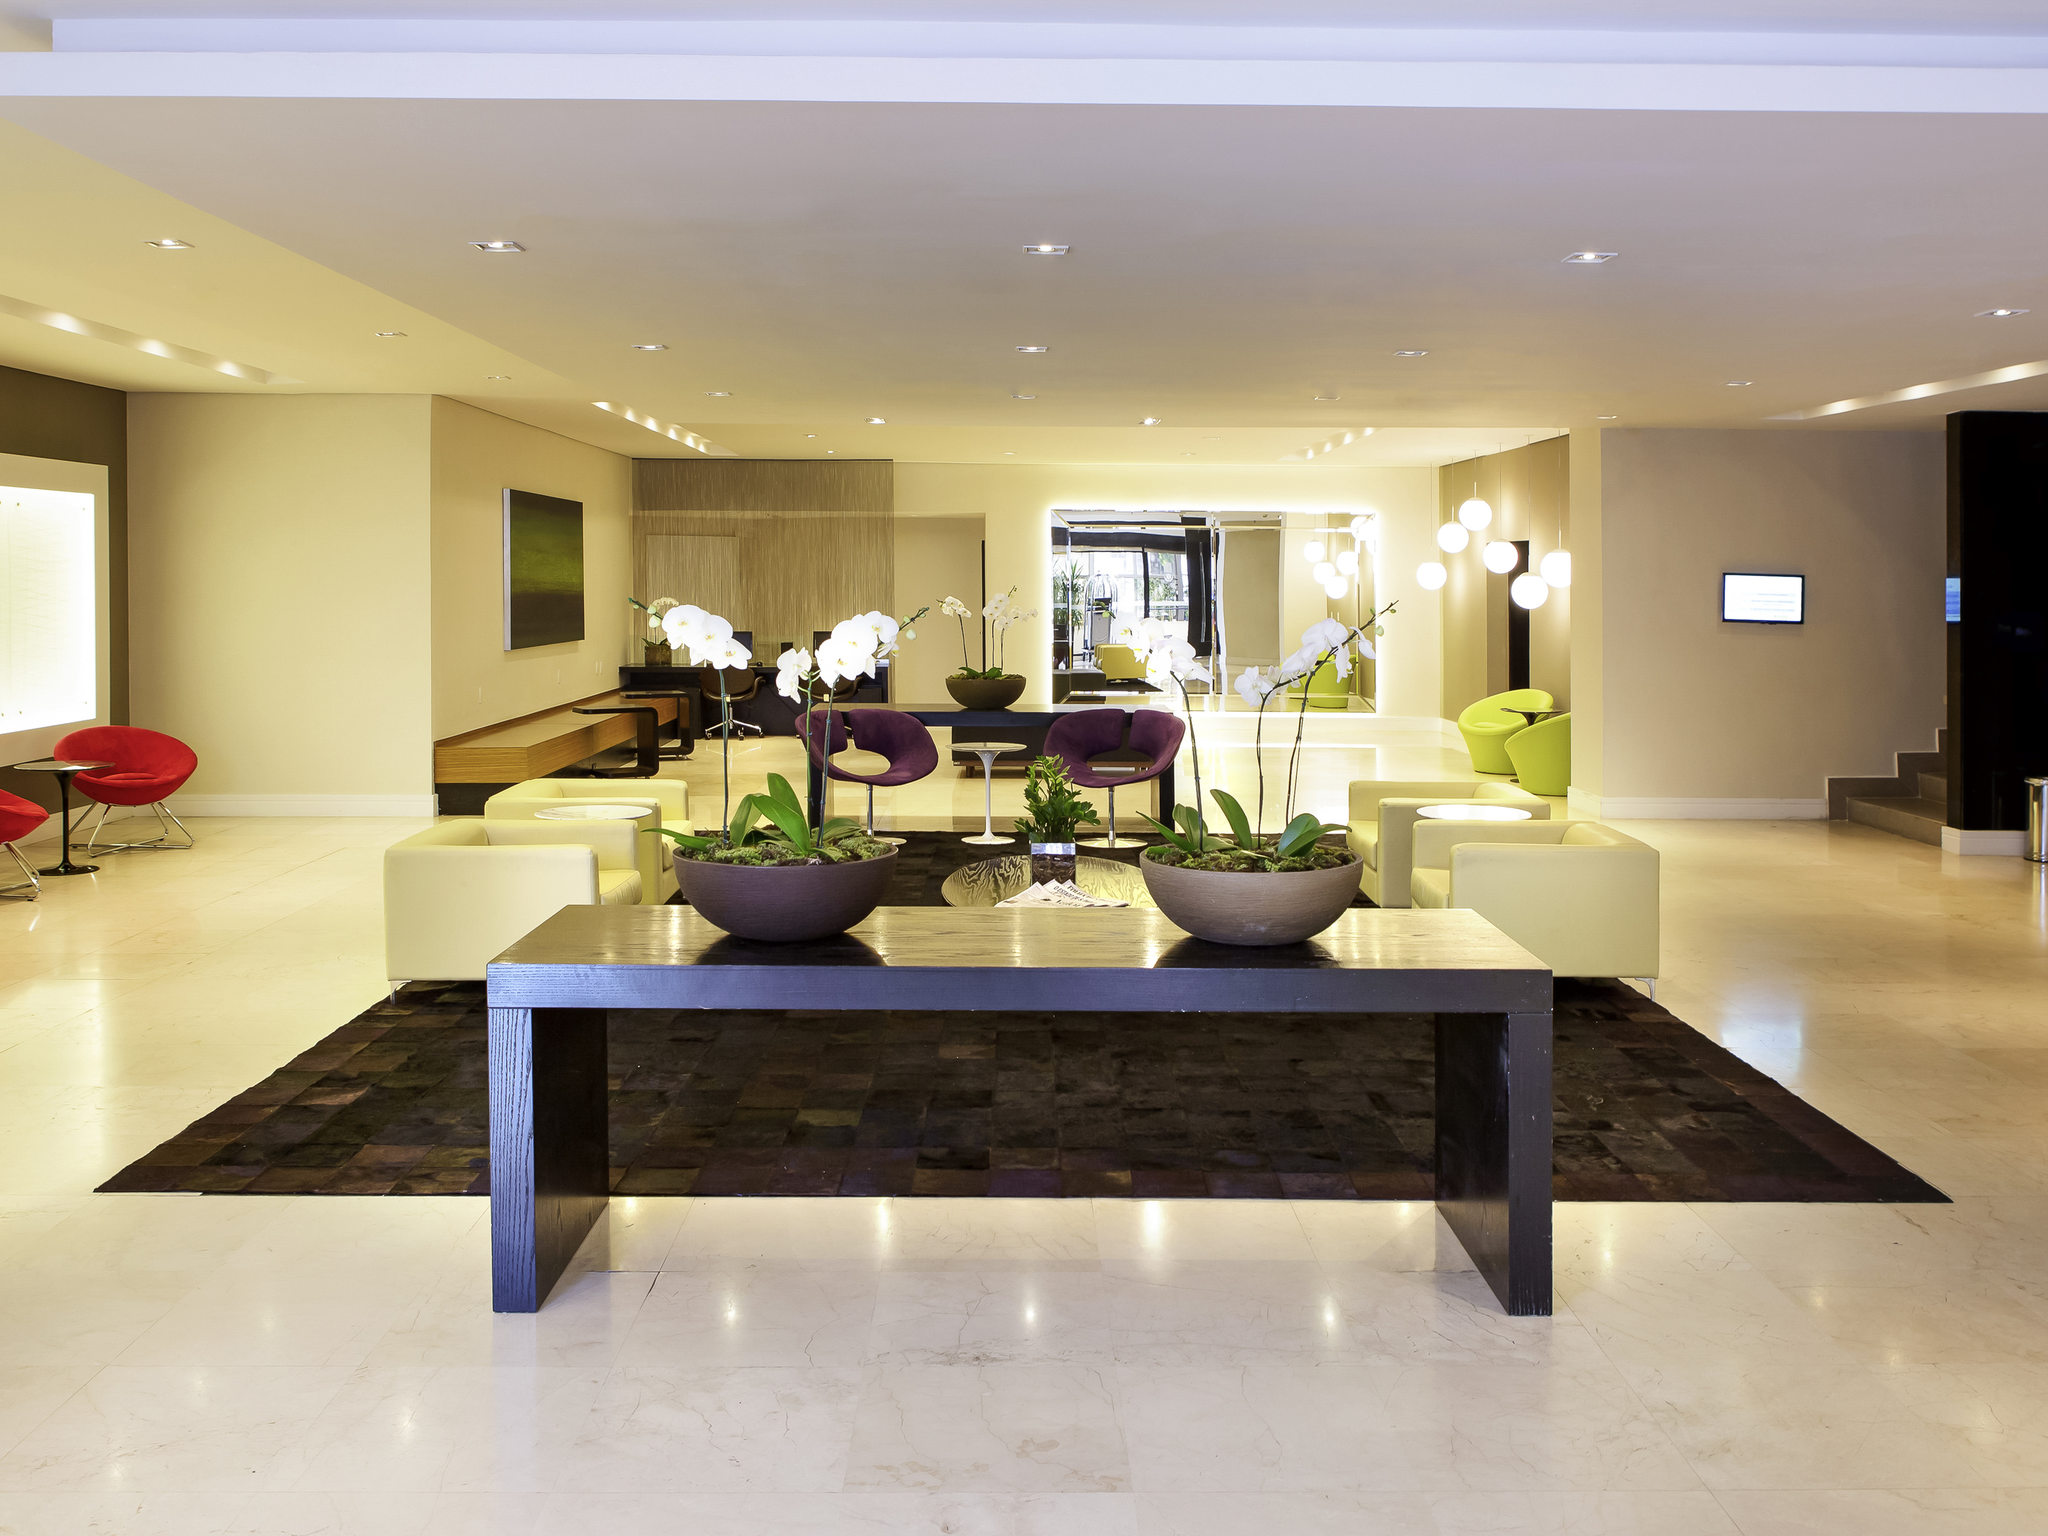 酒店 – 雅高酒店集团管理的圣保罗保利斯塔贝拉斯阿特斯酒店